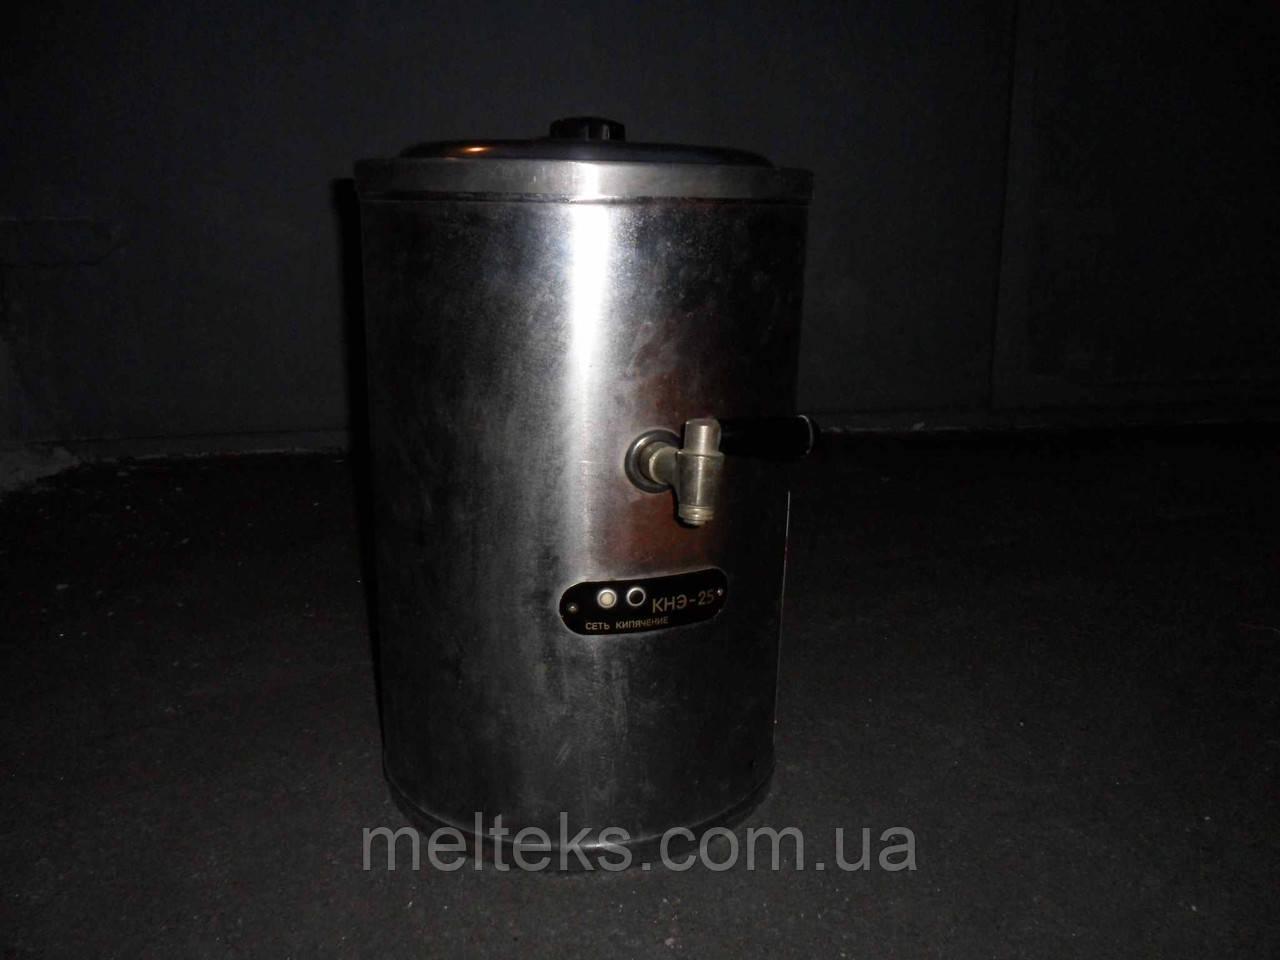 Кипятильник КНЭ-25 (КНЭ-25-2М) 3 кВт